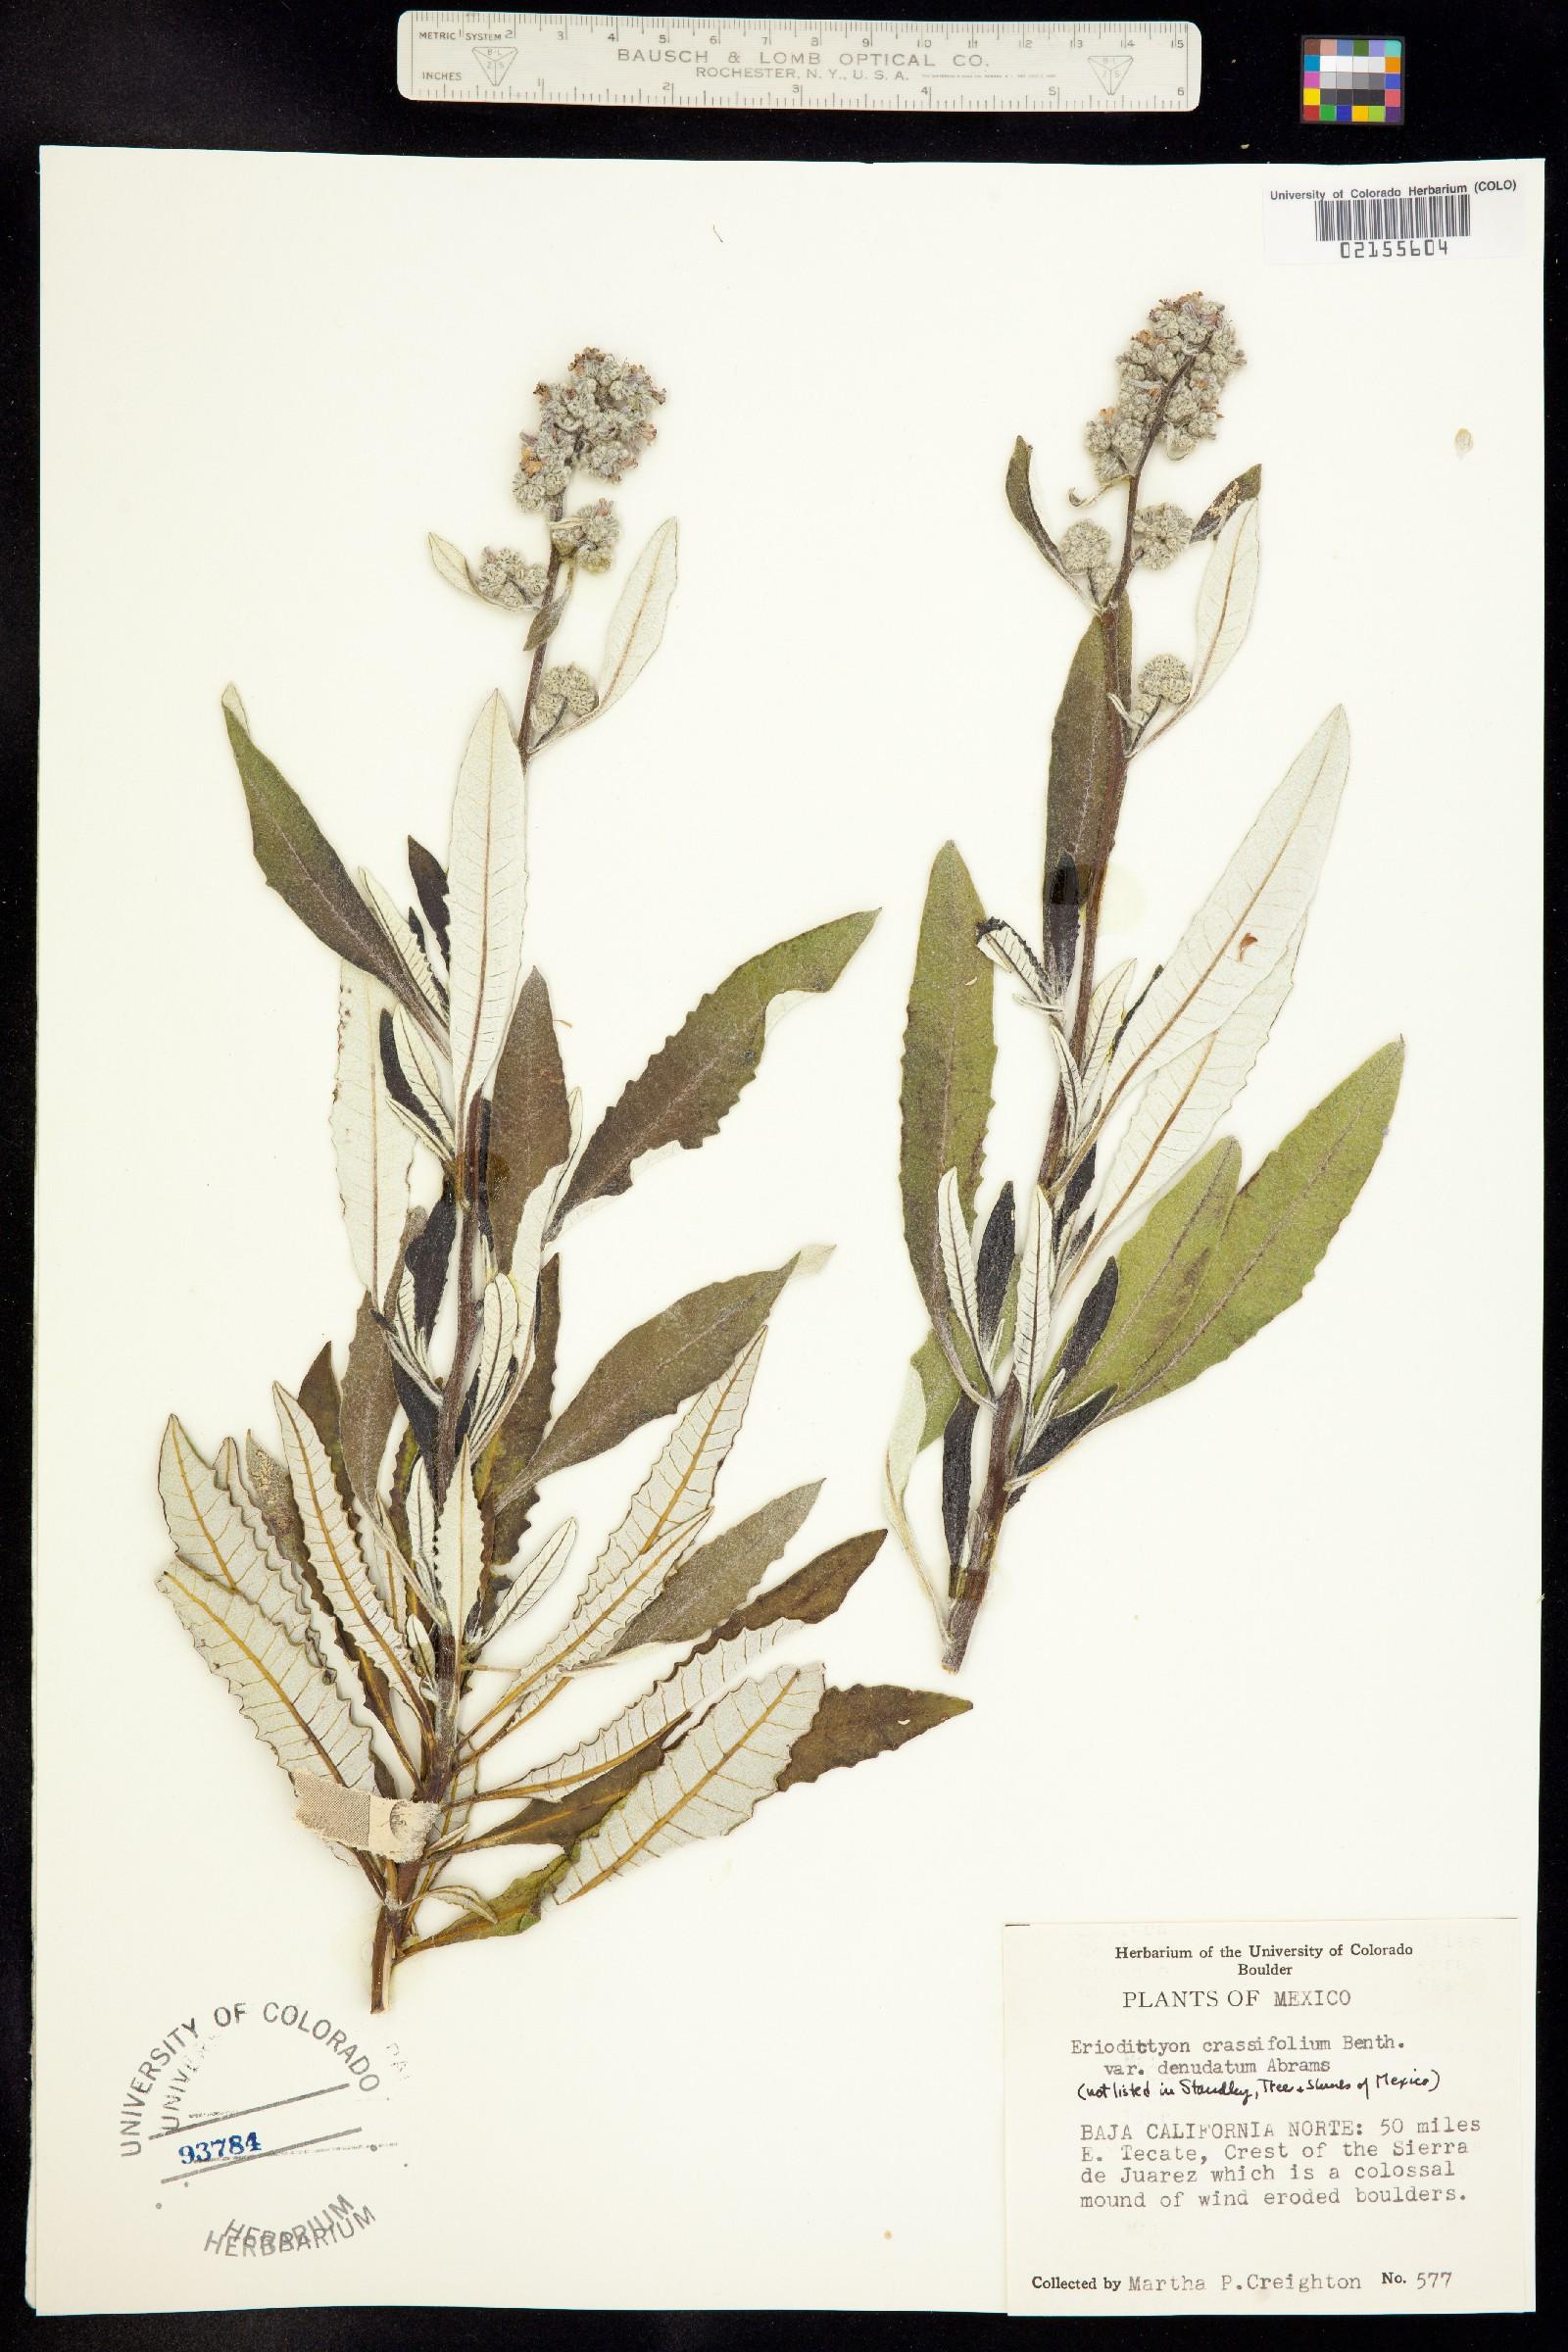 Eriodictyon crassifolium image